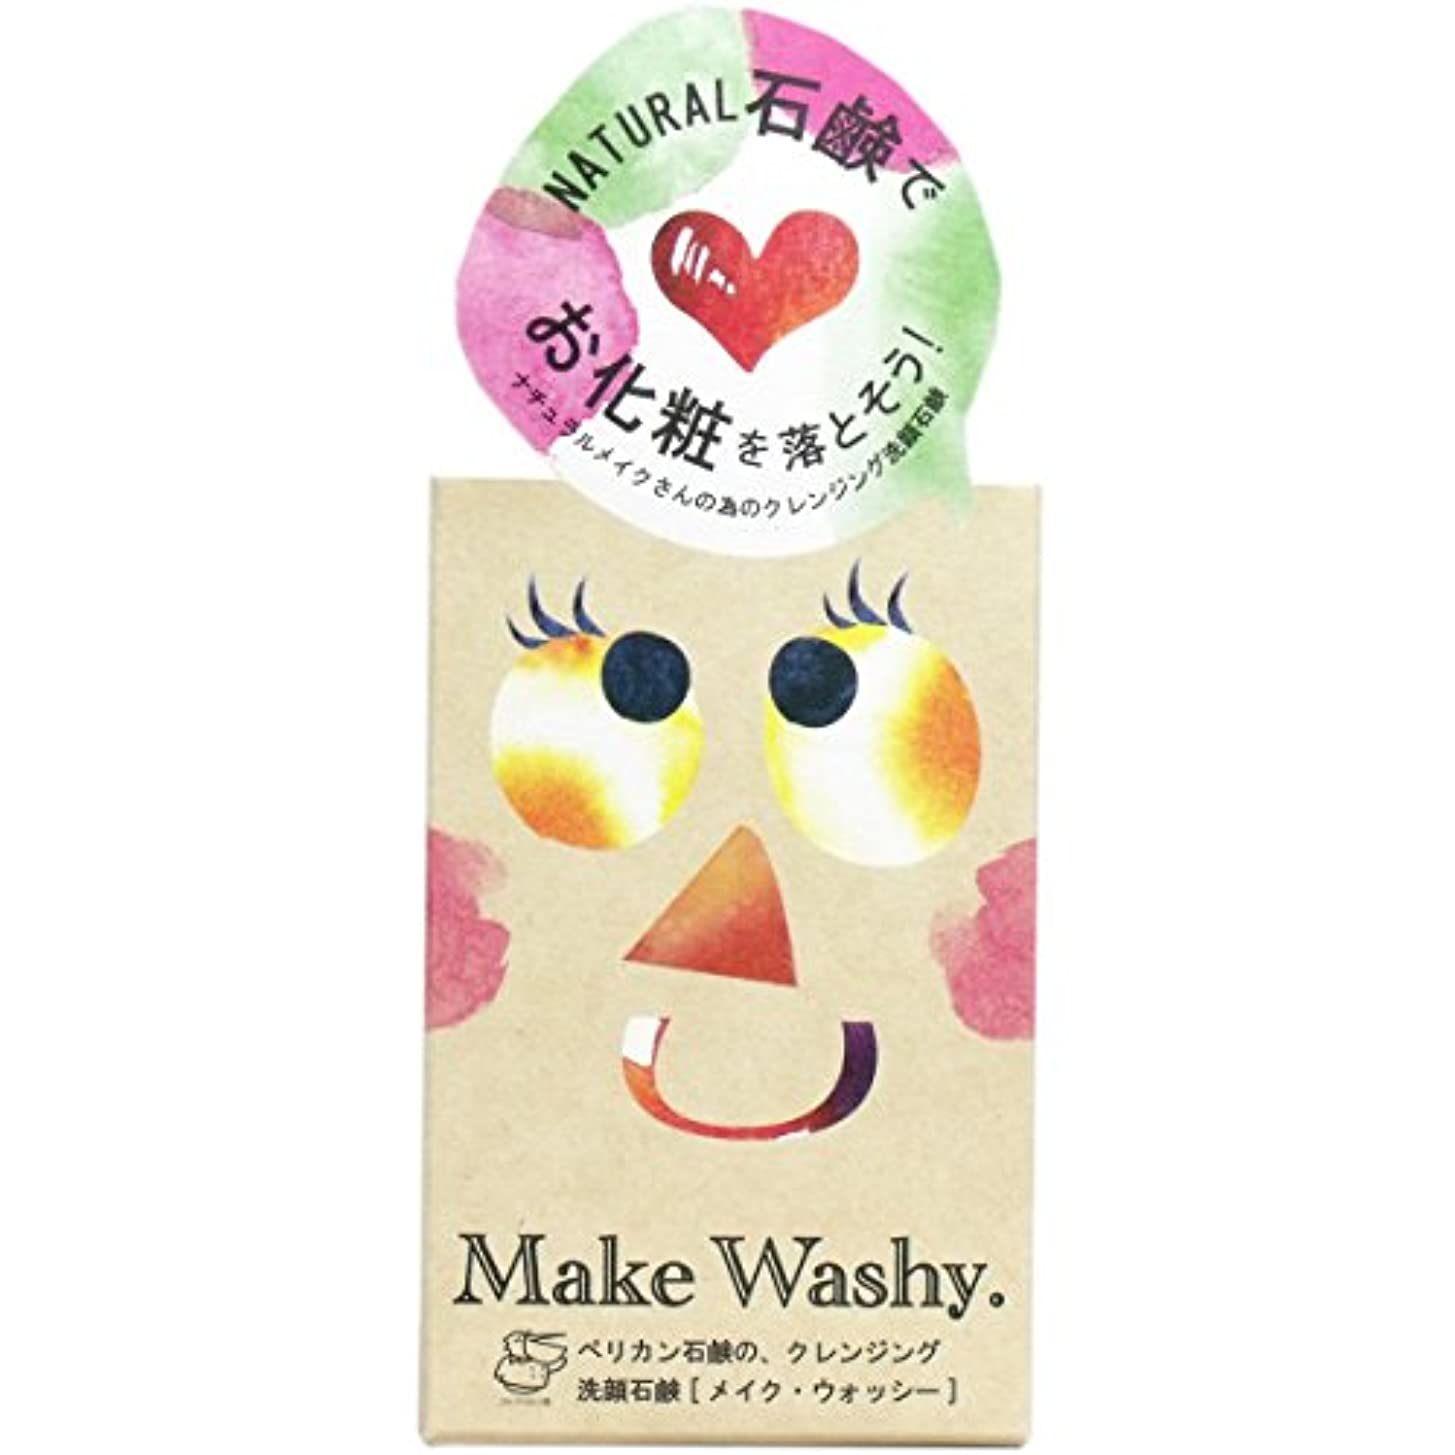 州バイバイピラミッド【まとめ買い】メイクウォッシー 洗顔石鹸【×2個】